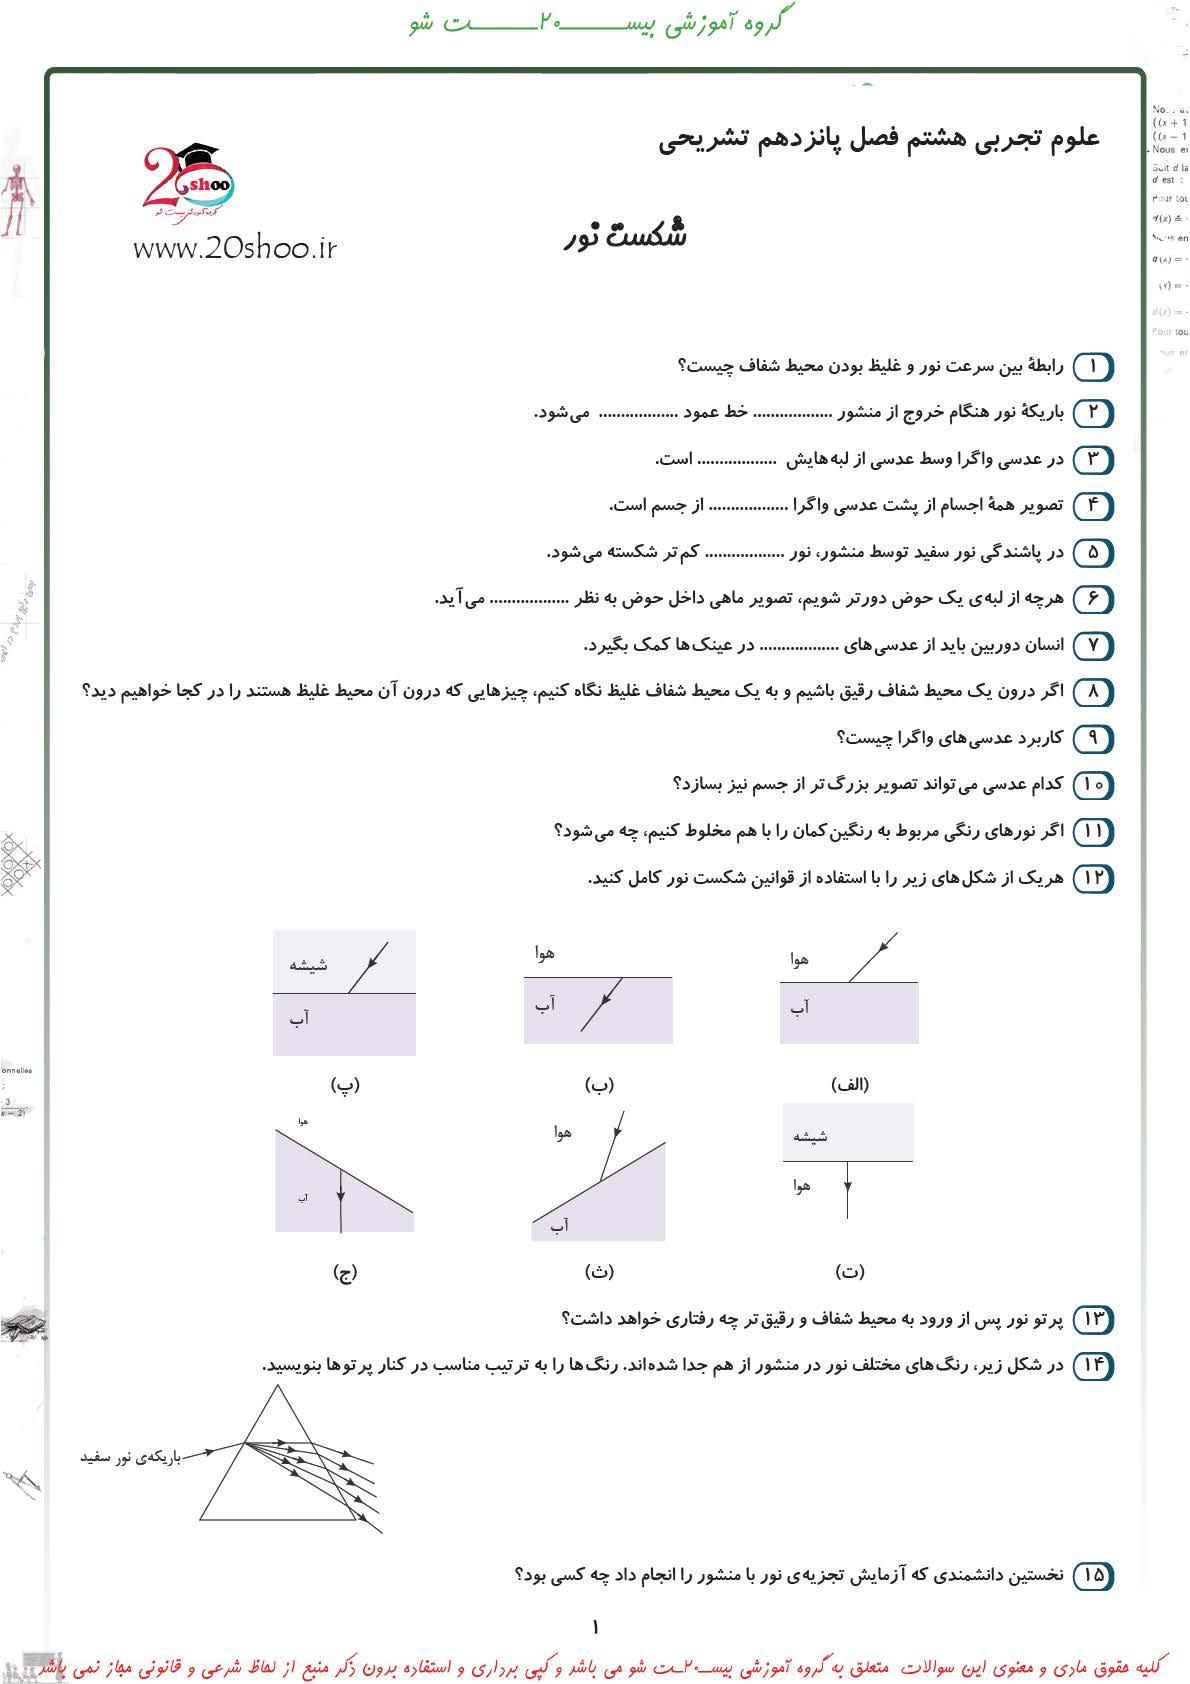 سوالات فصل 15 علوم تجربی هشتم تشریحی